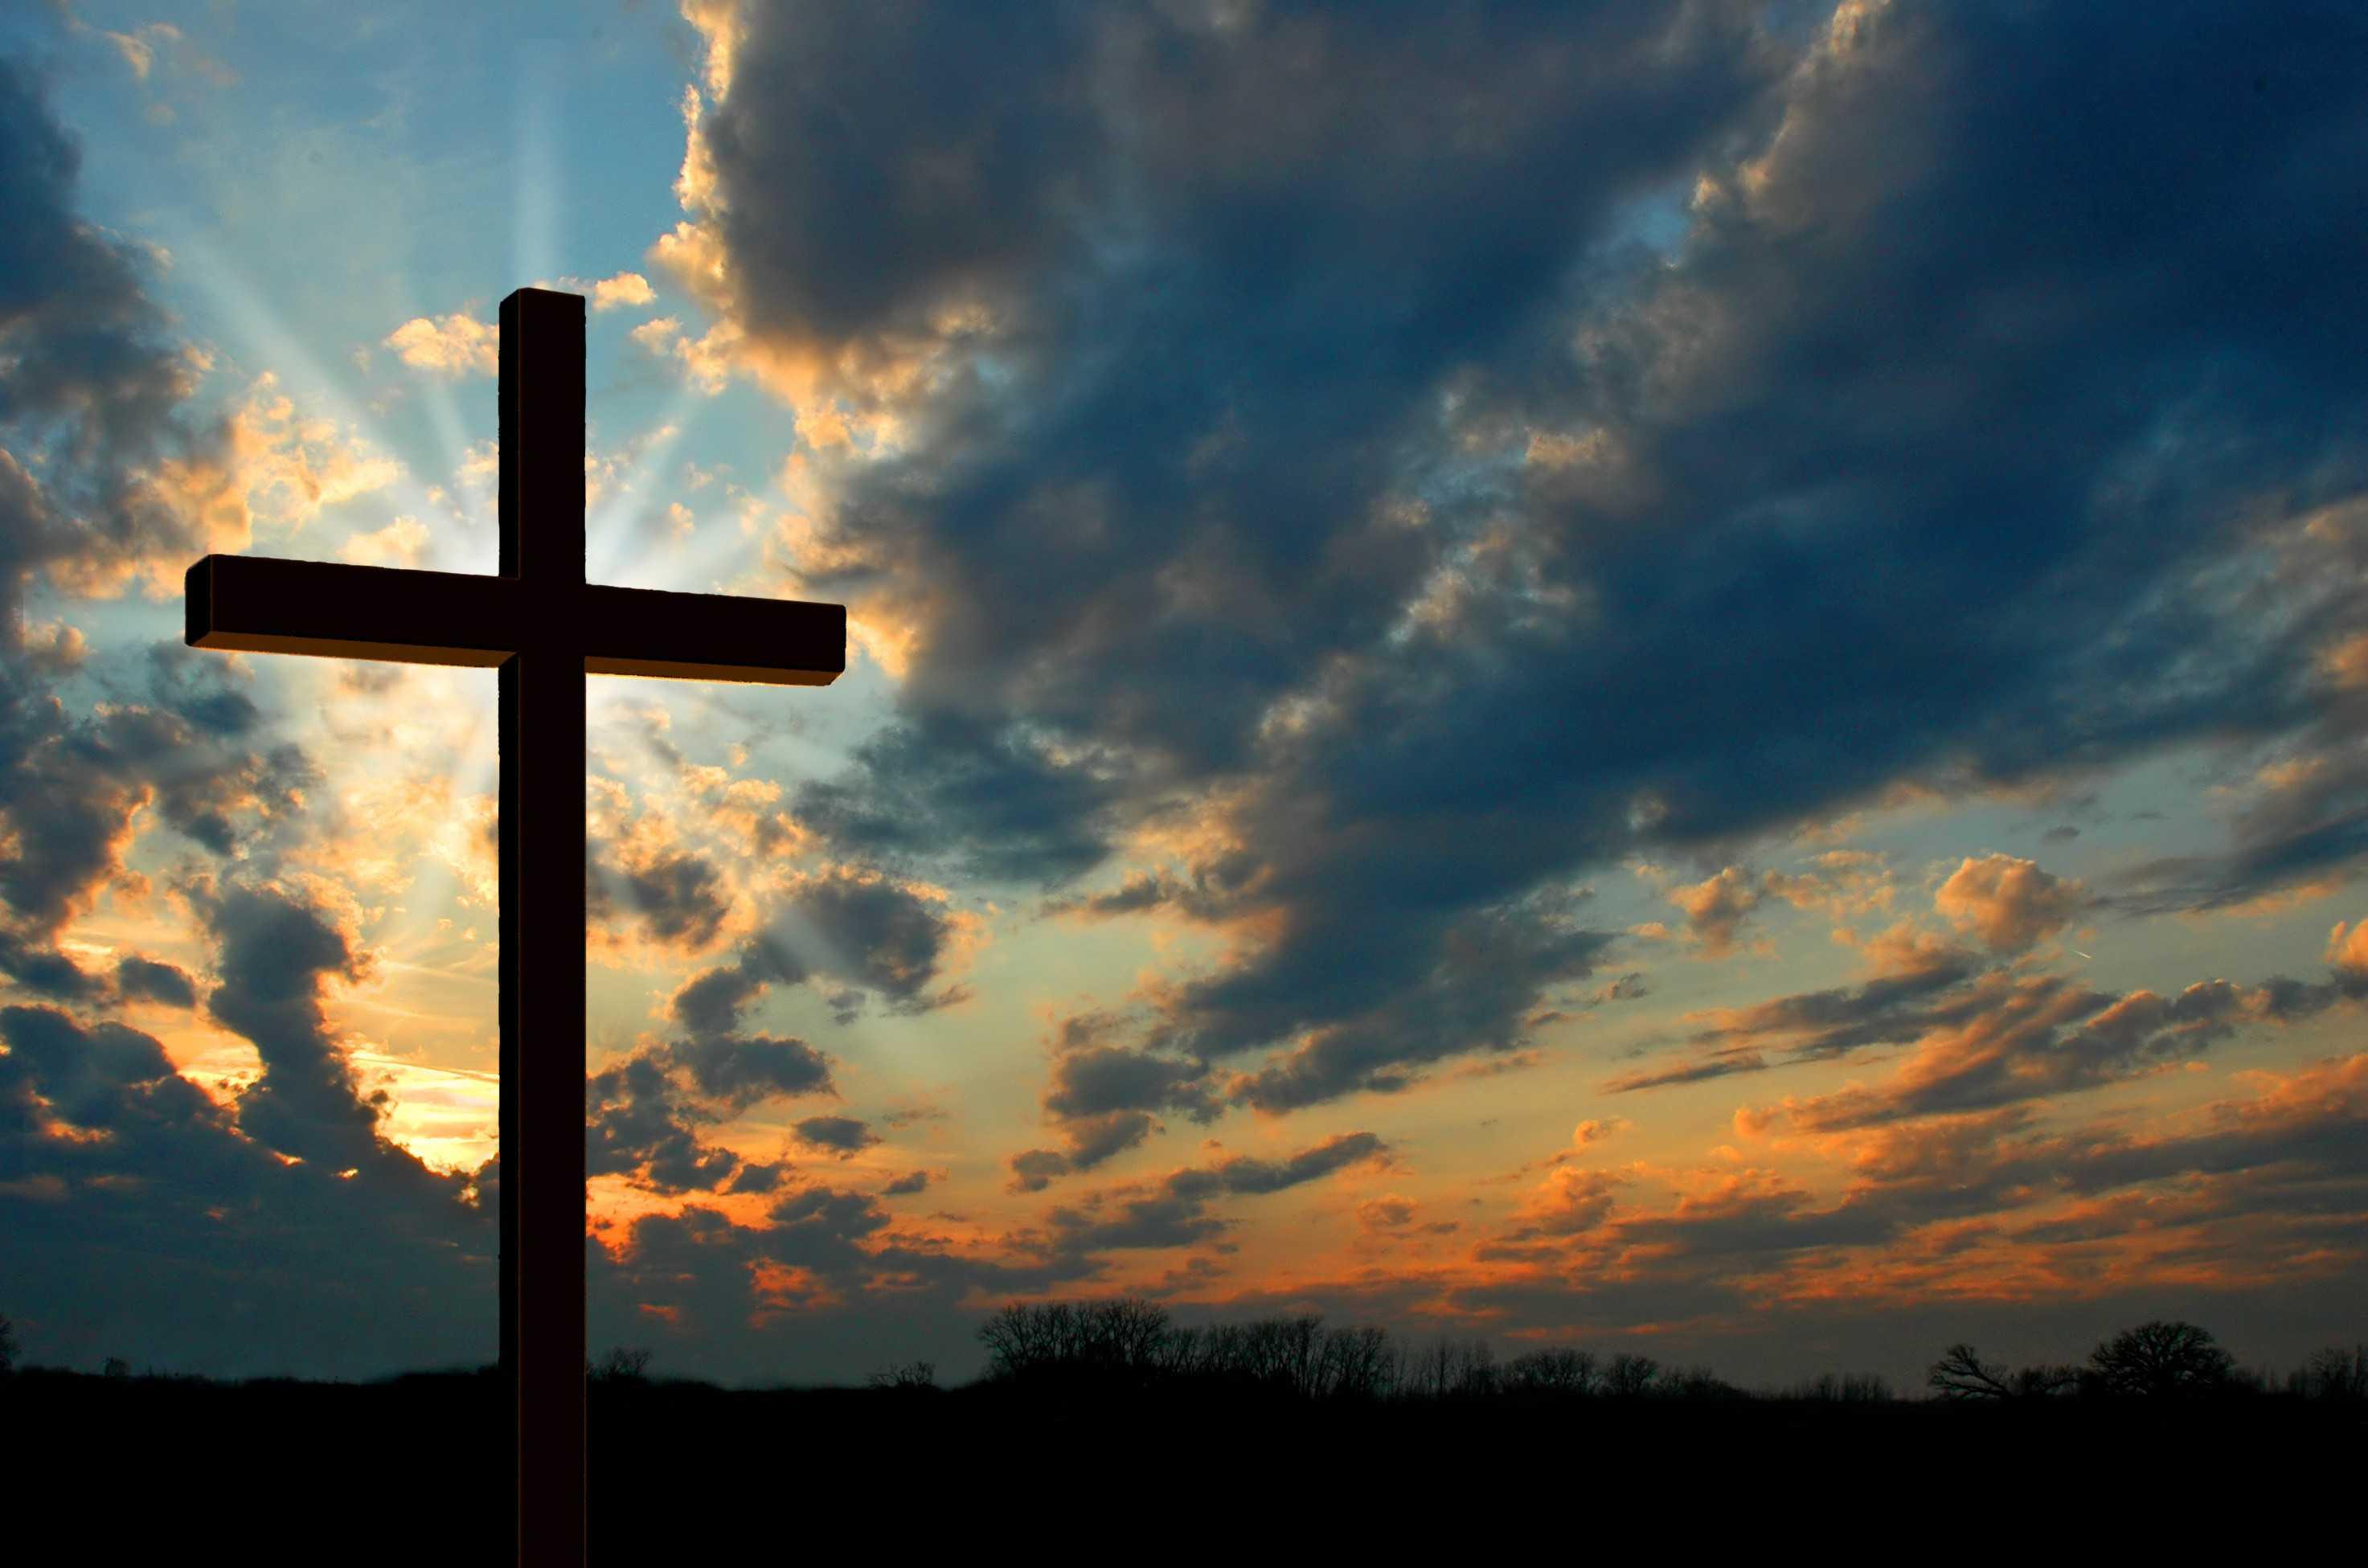 Christian Kreuz Kirche Desktop Wallpaper Sonnenuntergang 900x600